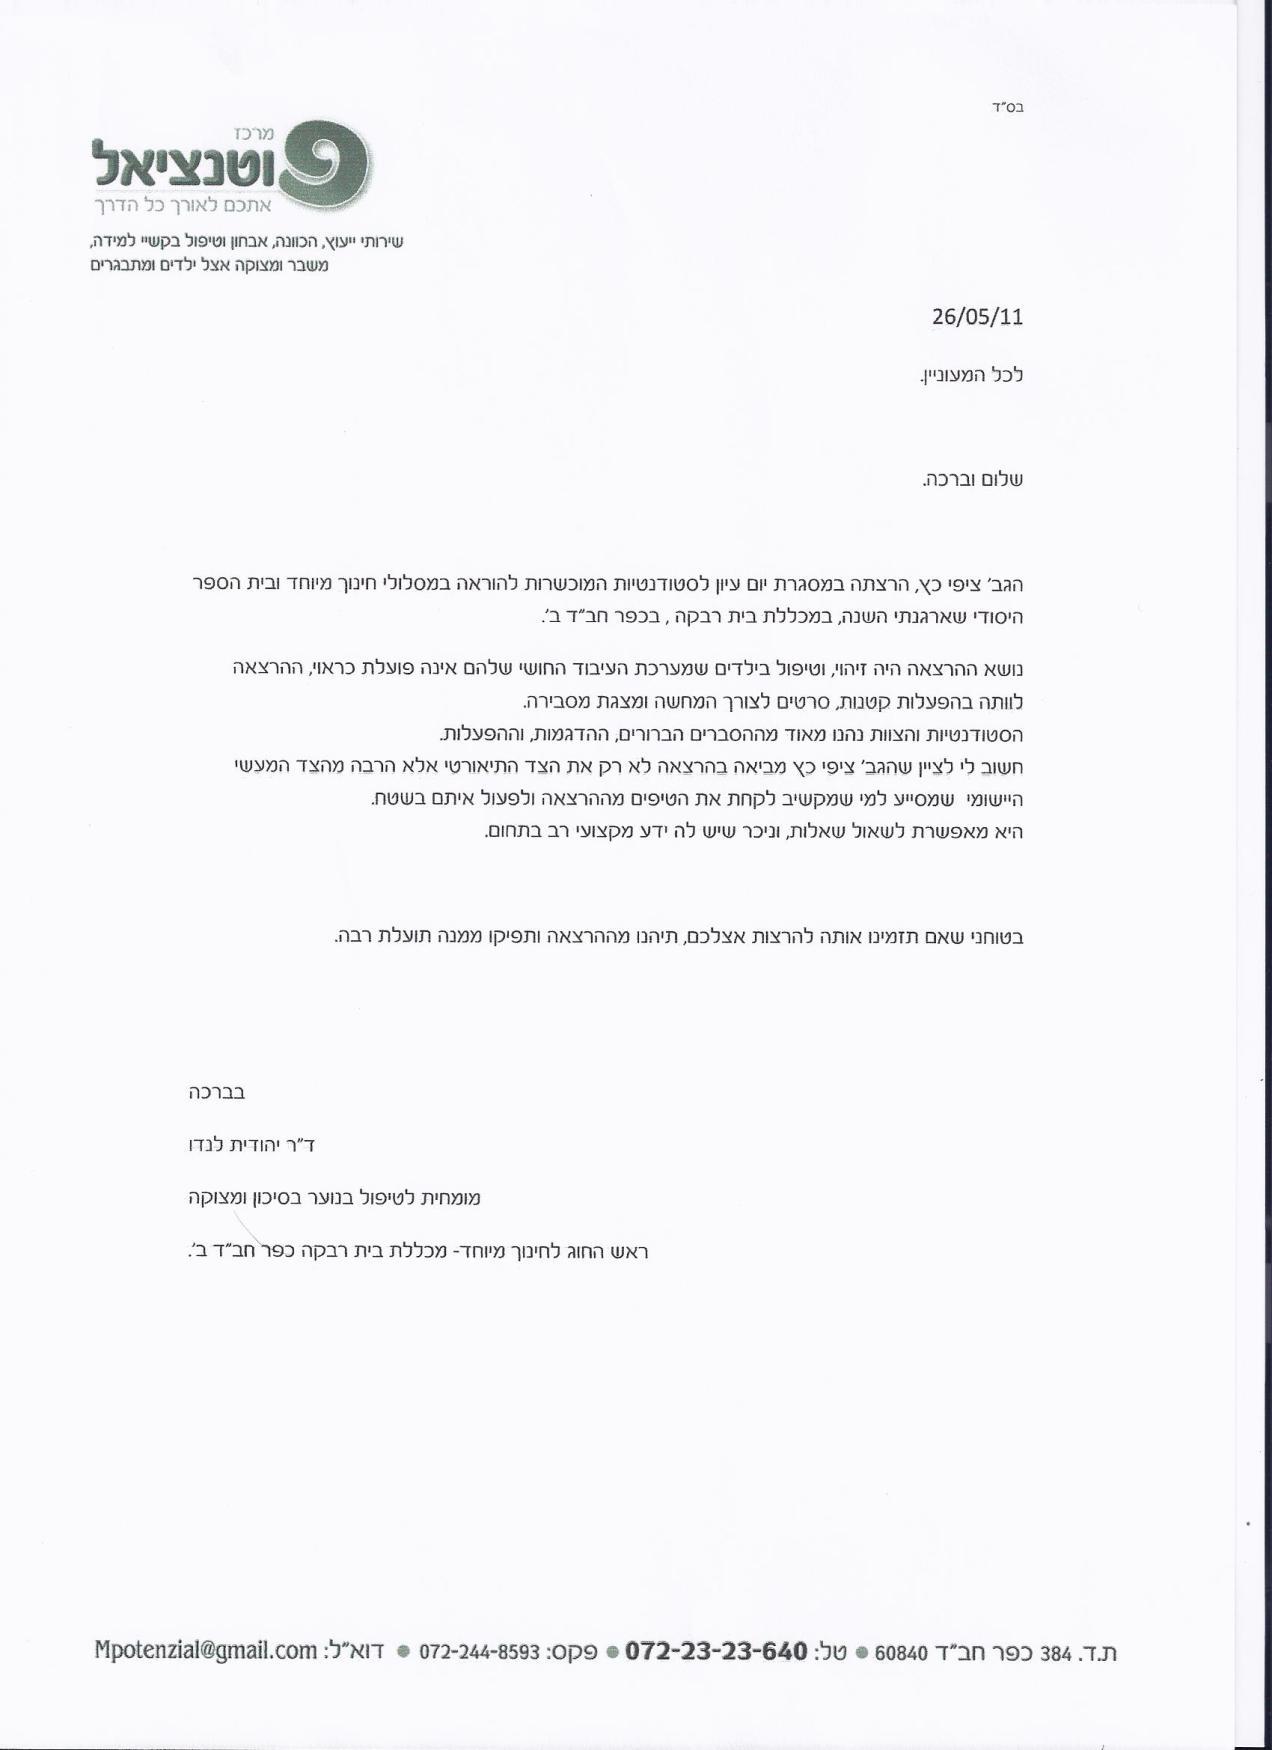 מכתב מכללת בית רבקה